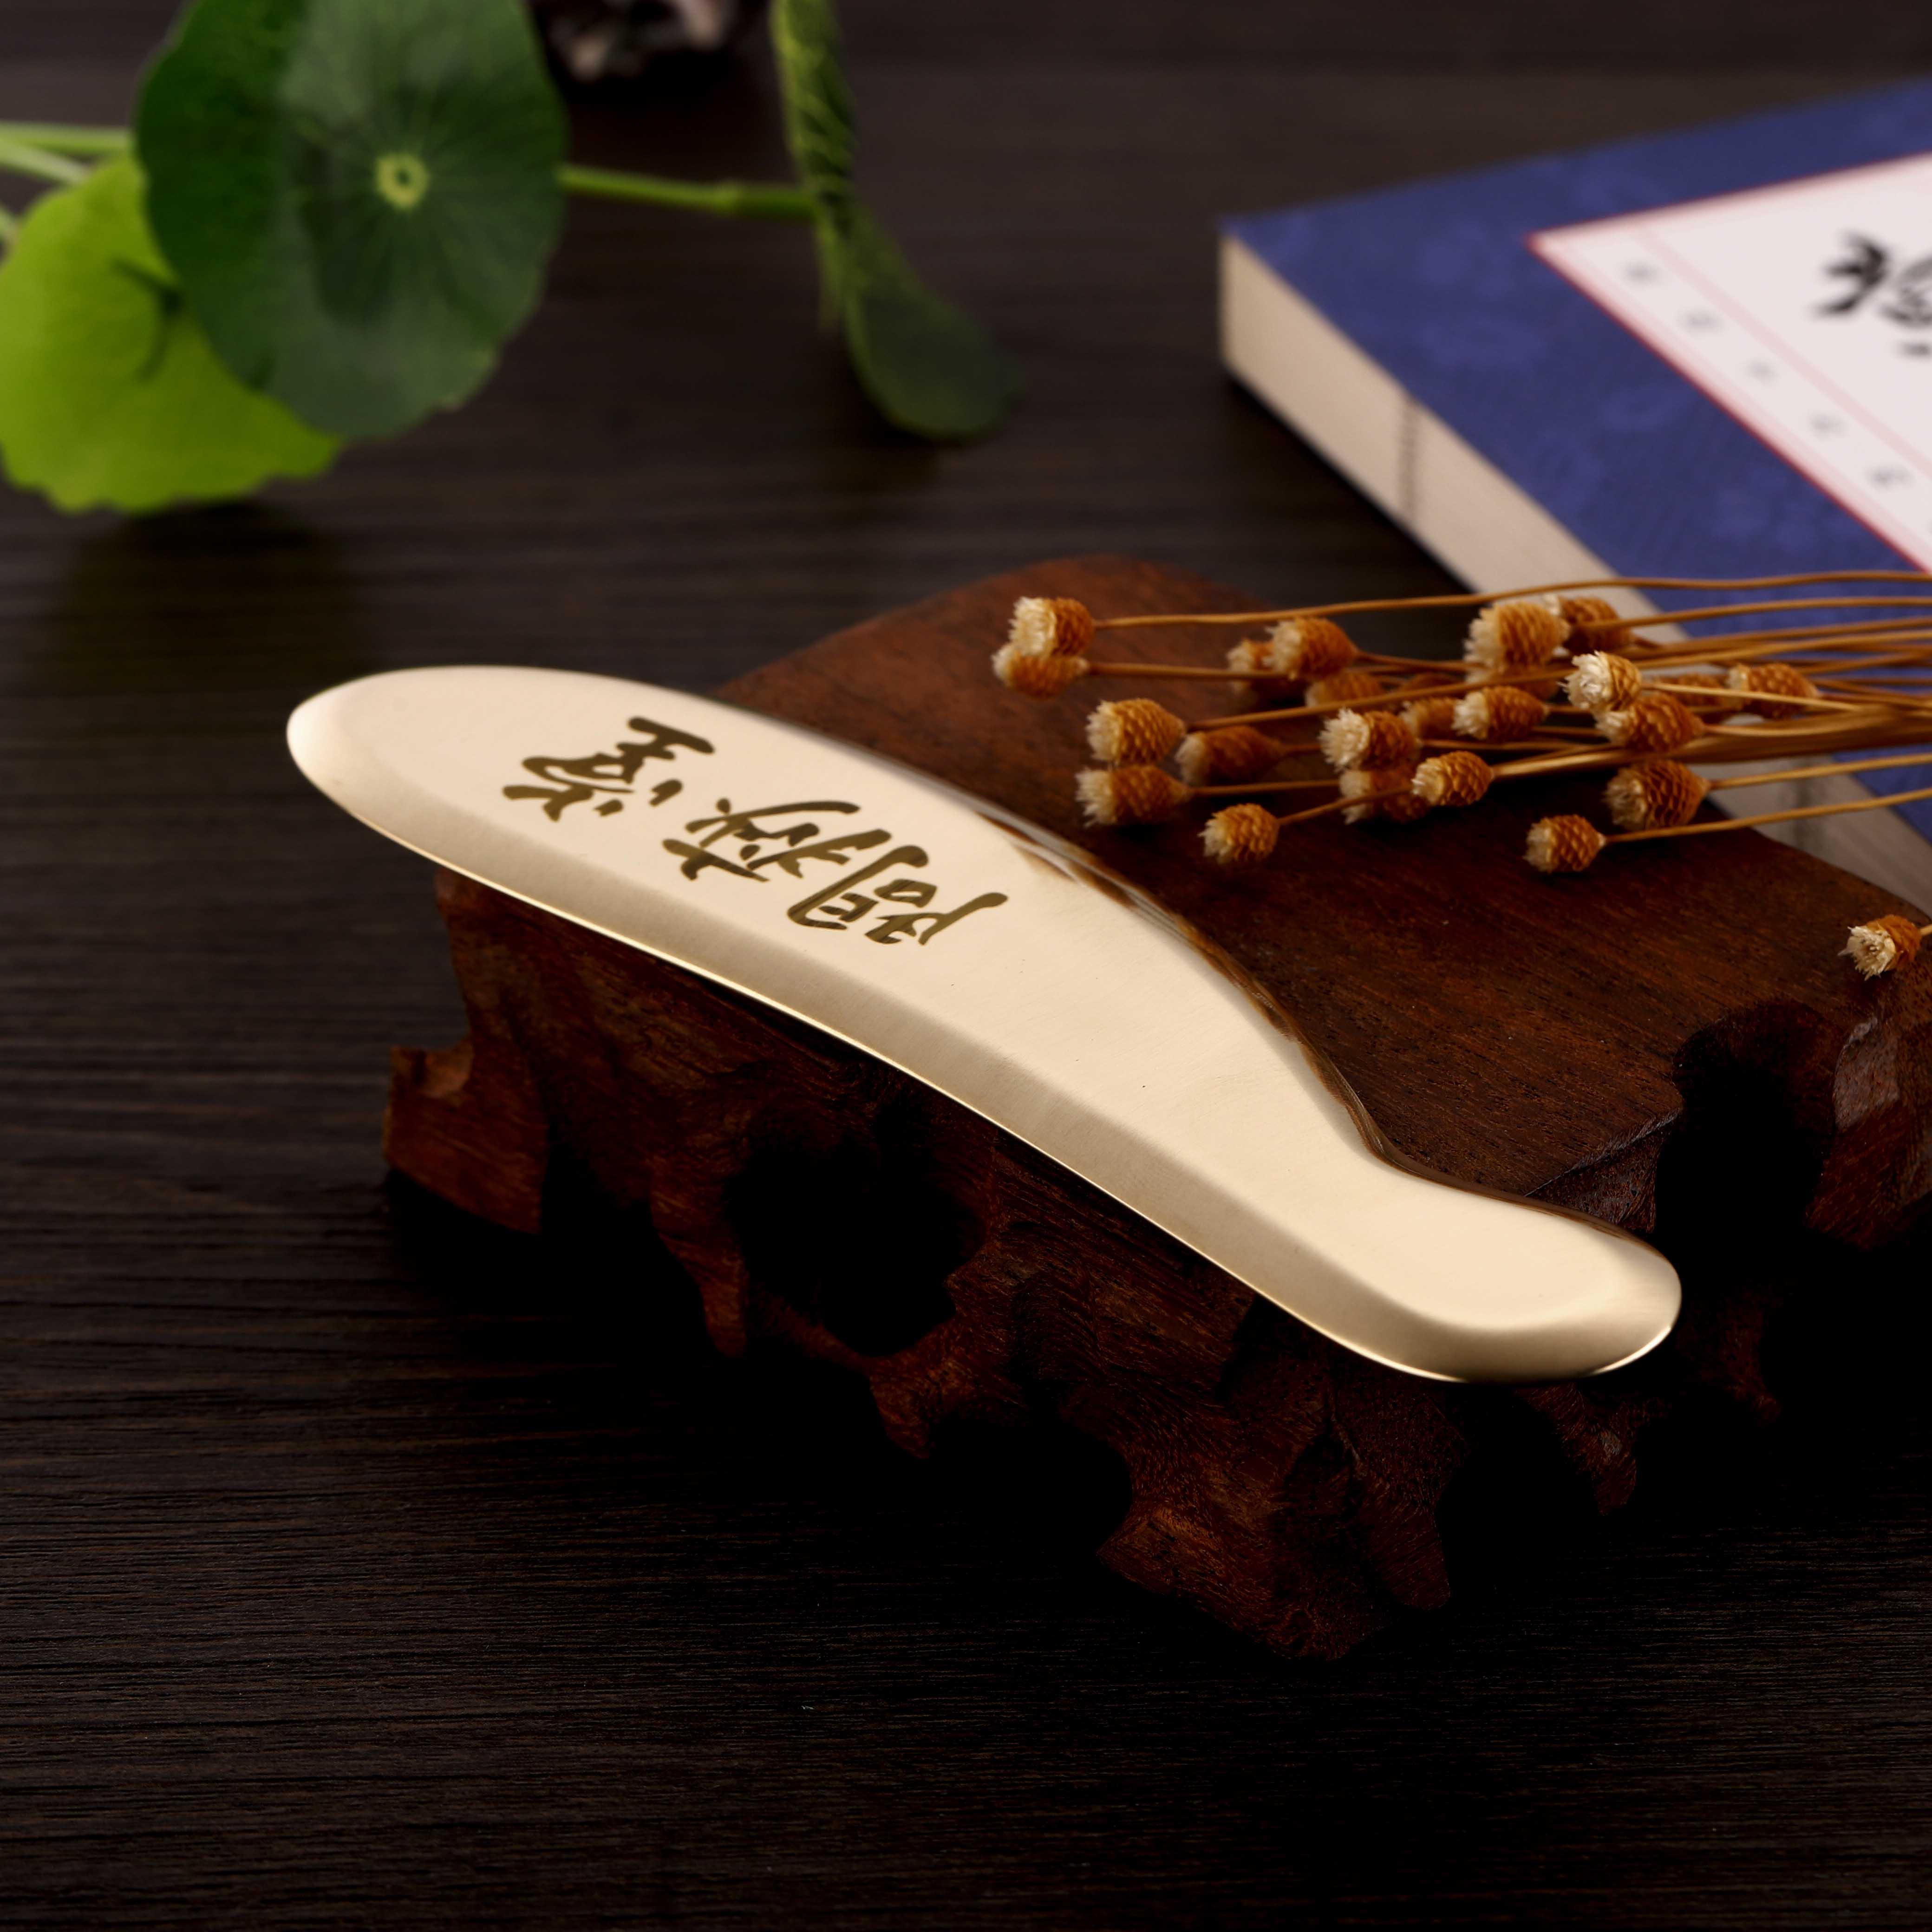 问痧堂纯黄铜刮痧板正品纯铜制手工李氏虎符砭法李道政正道刮痧刀